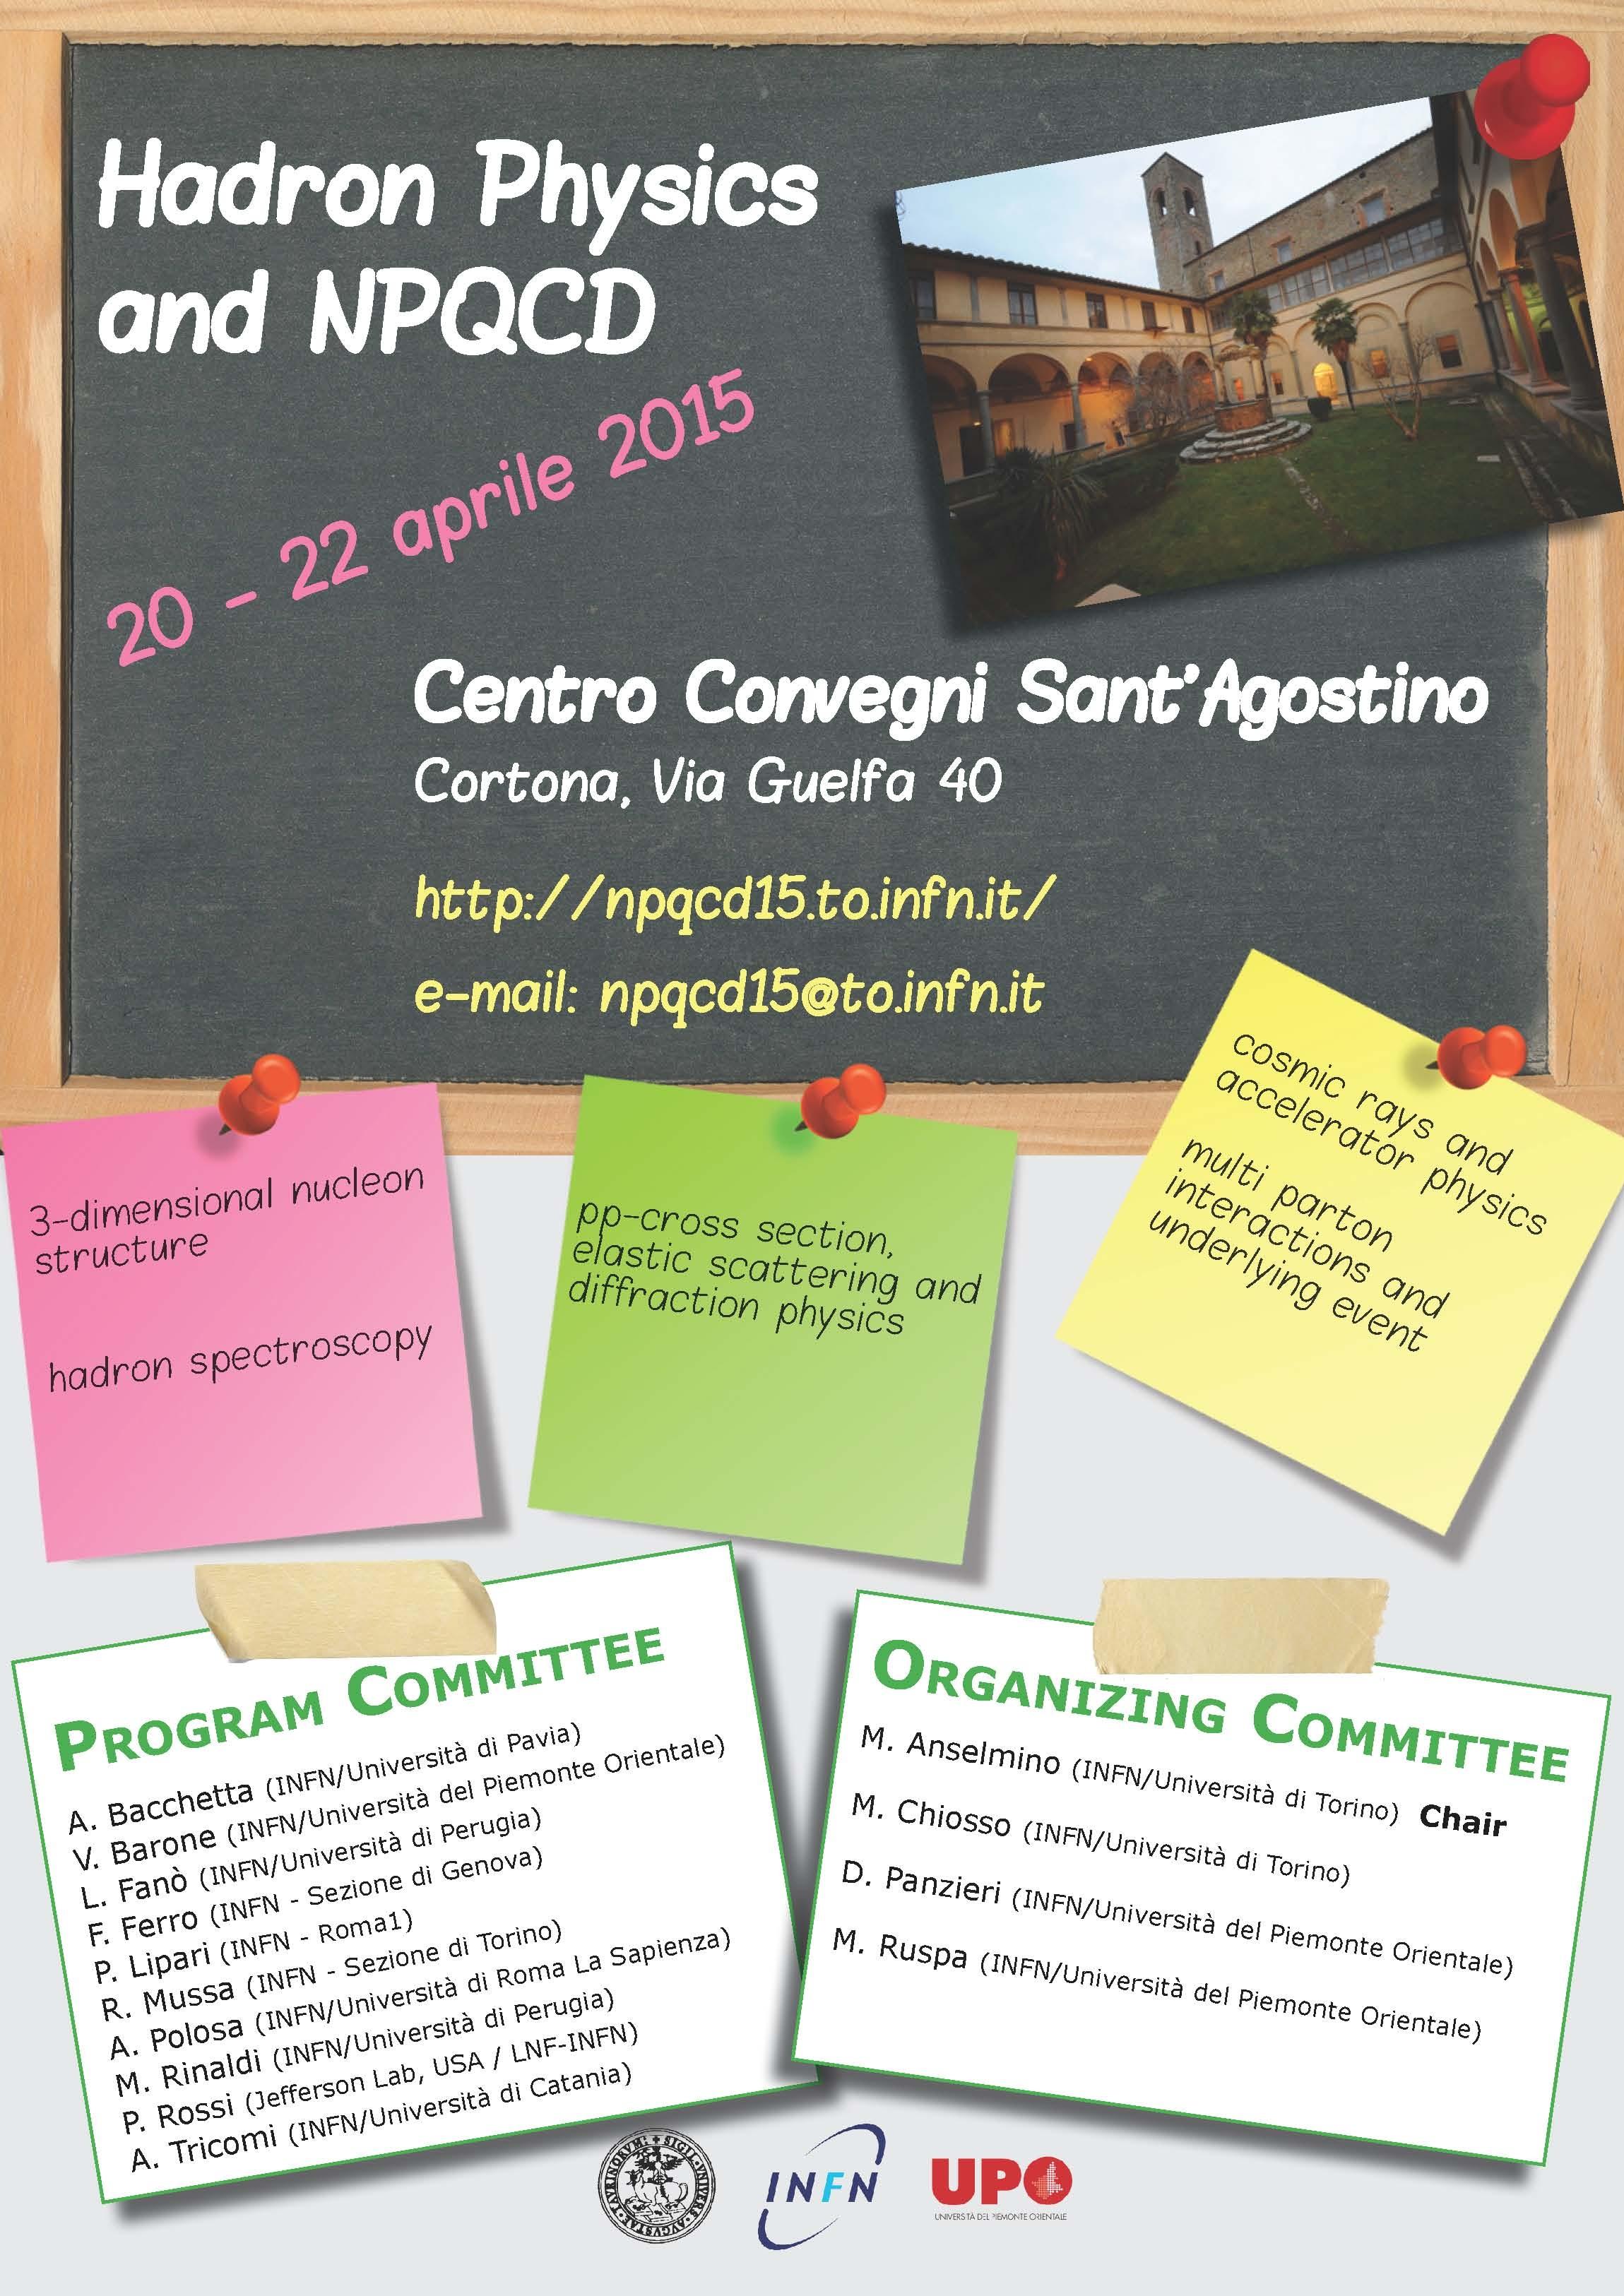 A Cortona Convegno del Dipartimento di Fisica dell'Università di Torino